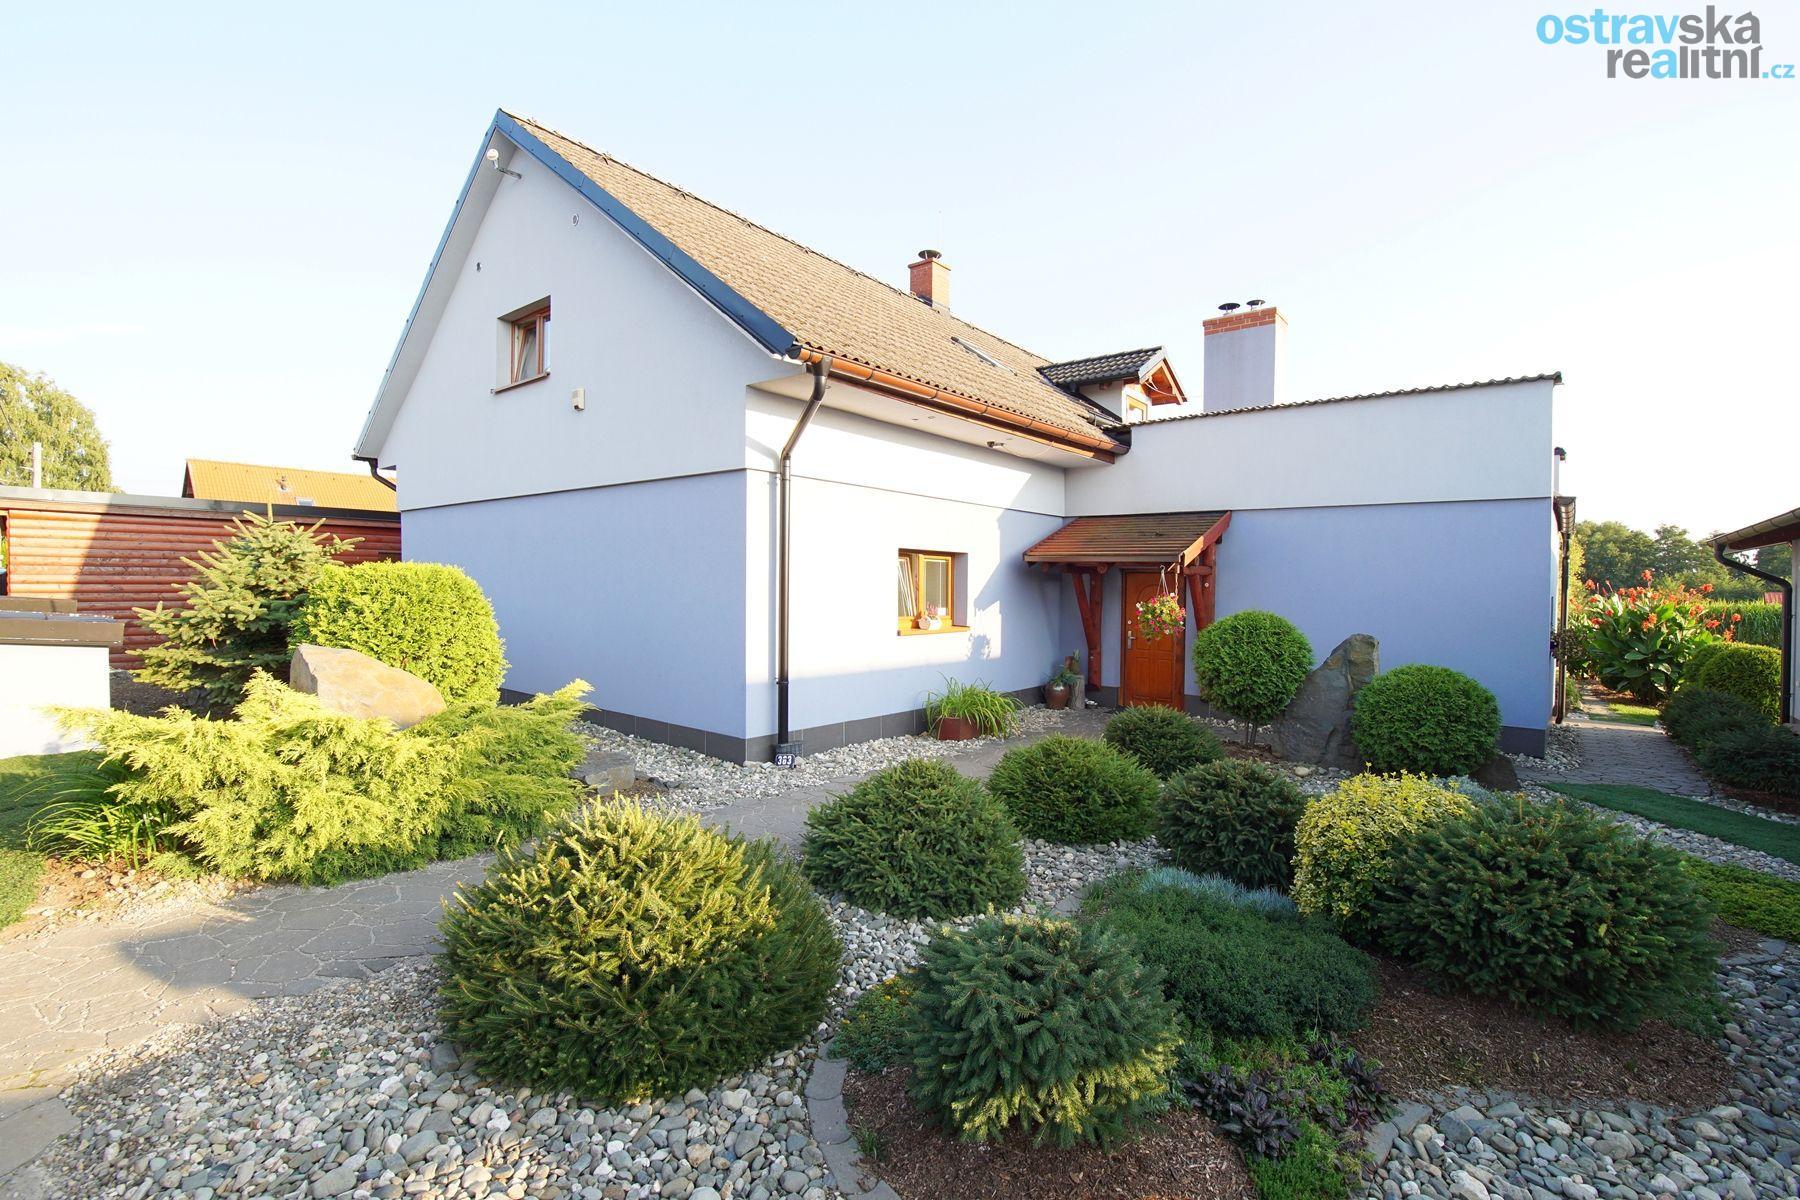 Prodej, rodinný dům, Dolní Lutyně, ul. Luční, 280 m2, zahrada 1627 m2